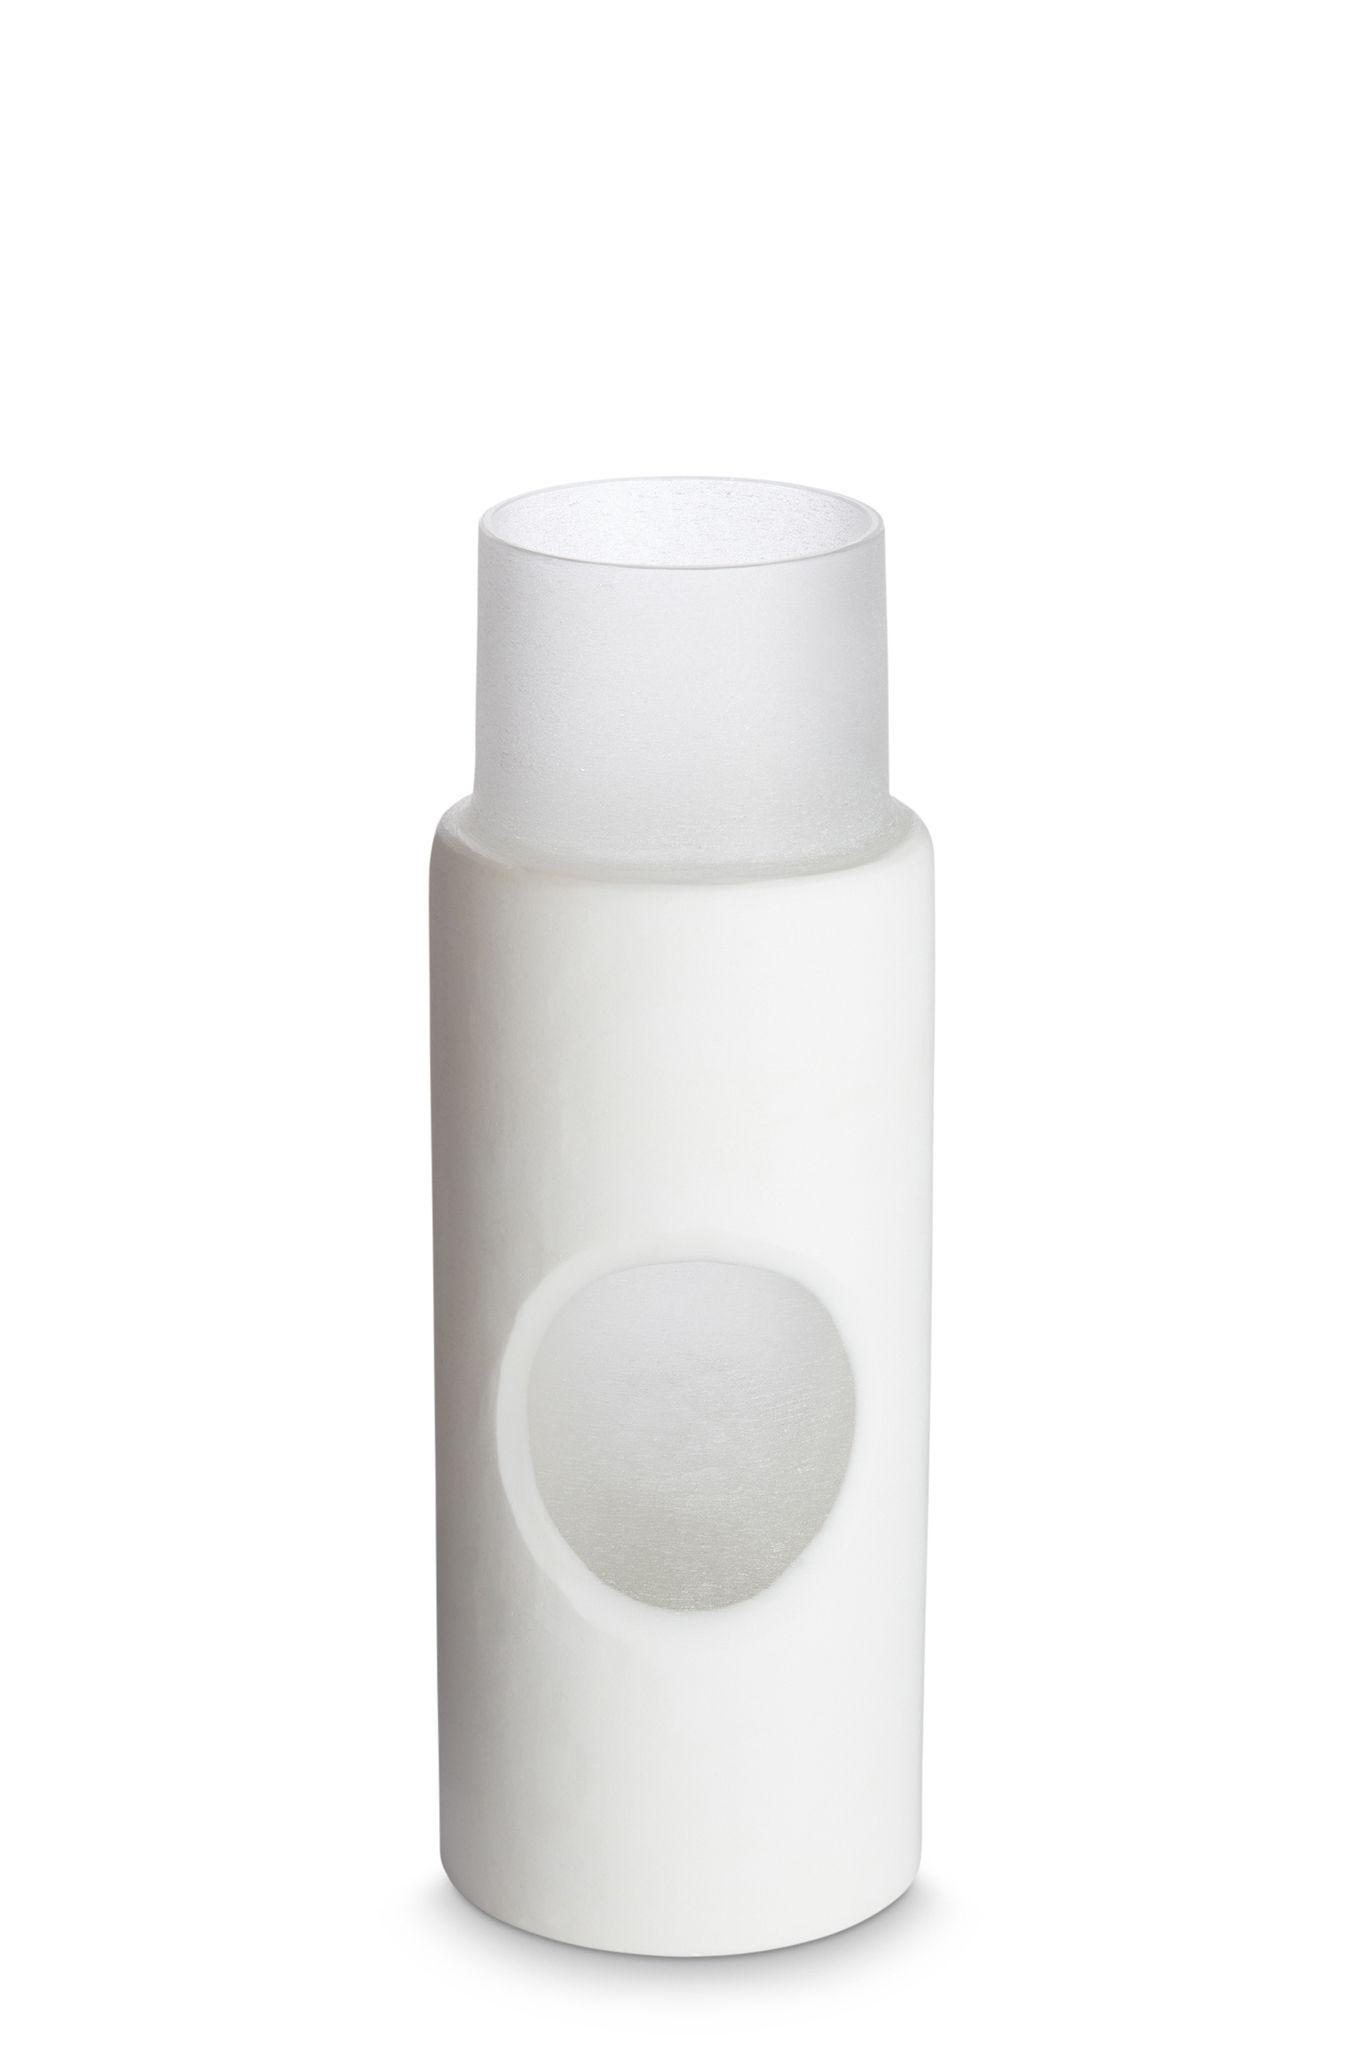 Déco - Vases - Vase Carved Small / Ø 7,5 x H 23 cm - Tom Dixon - Blanc - Verre soufflé bouche